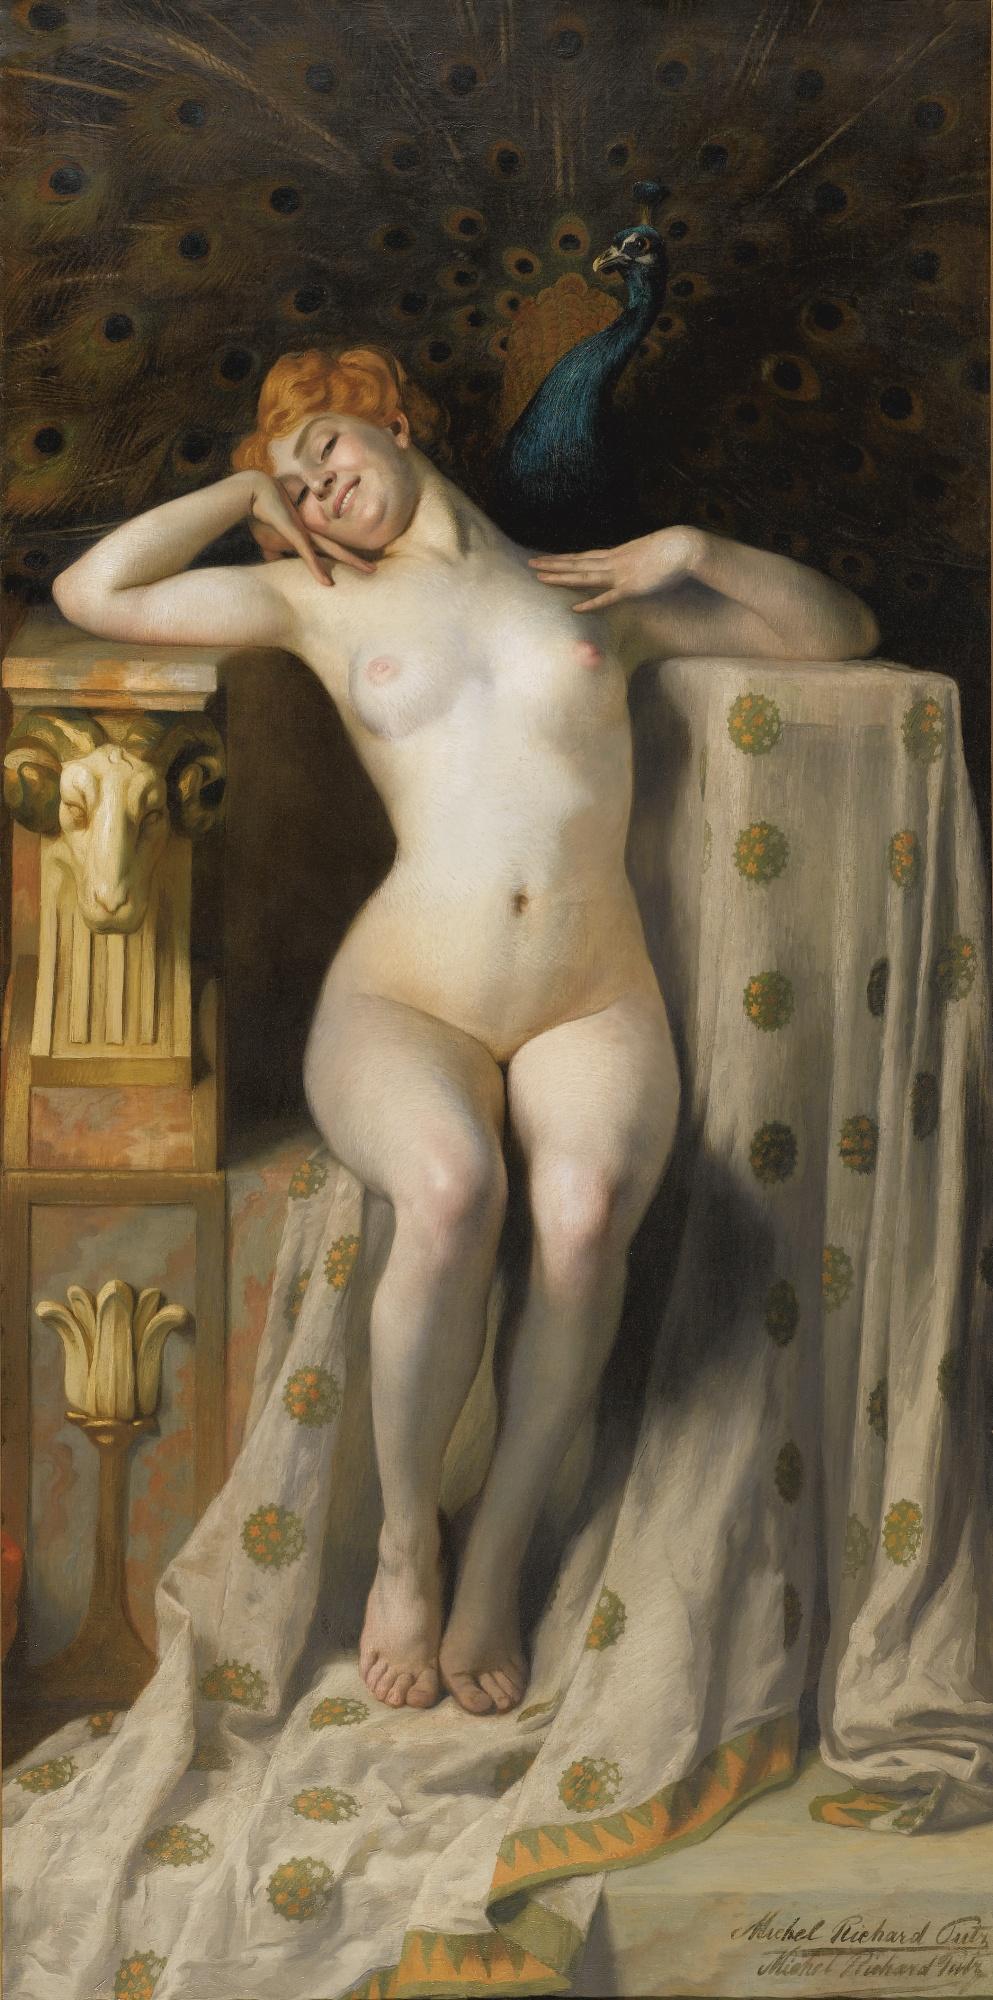 Michel Richard-Putz, род в 1868. Павлин за троном. 200 х 100 см. Частная коллекция